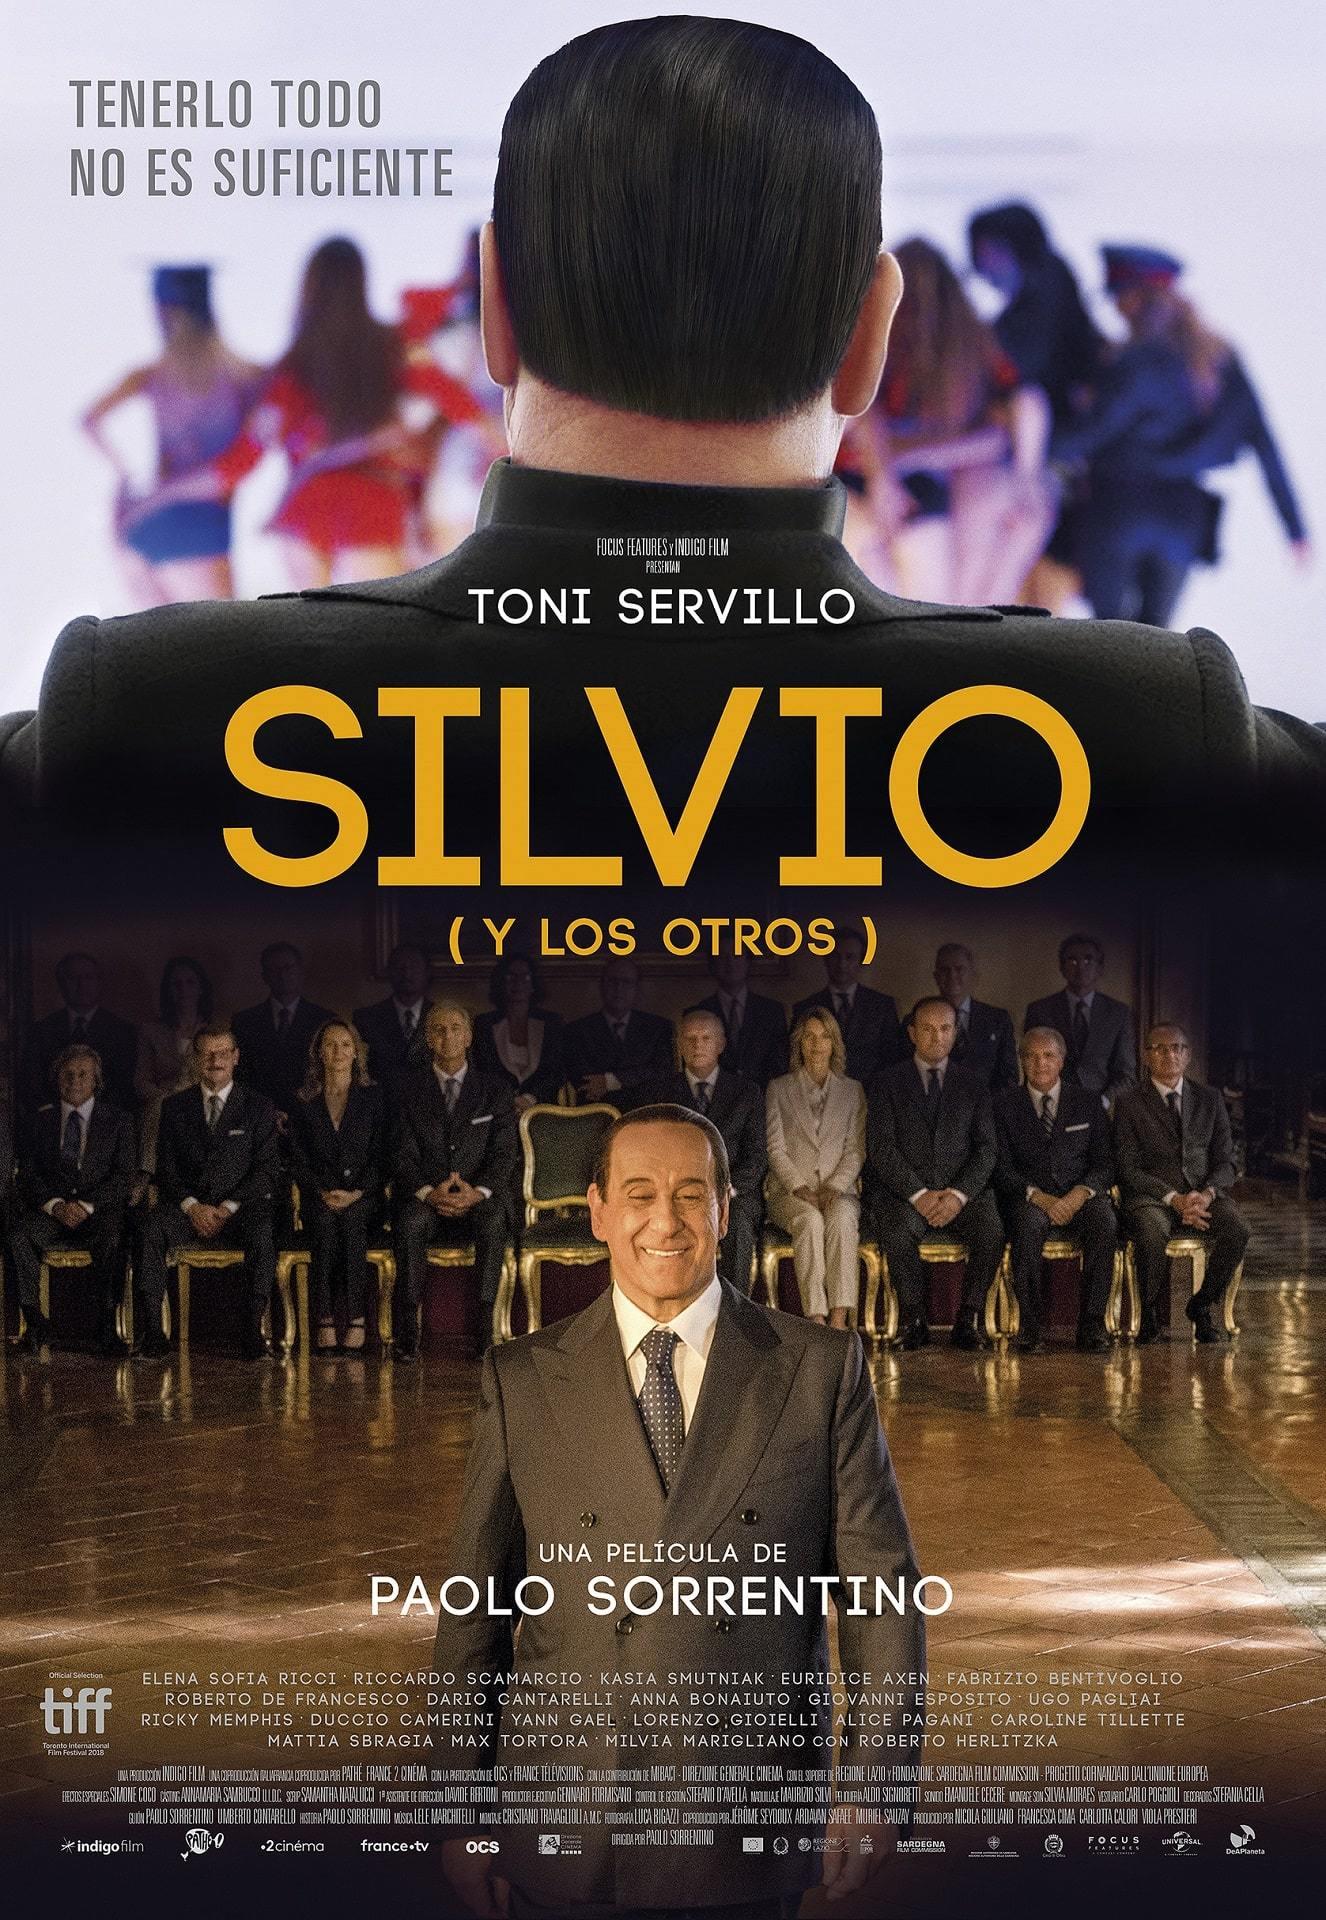 Cartel de Silvio (y los otros)